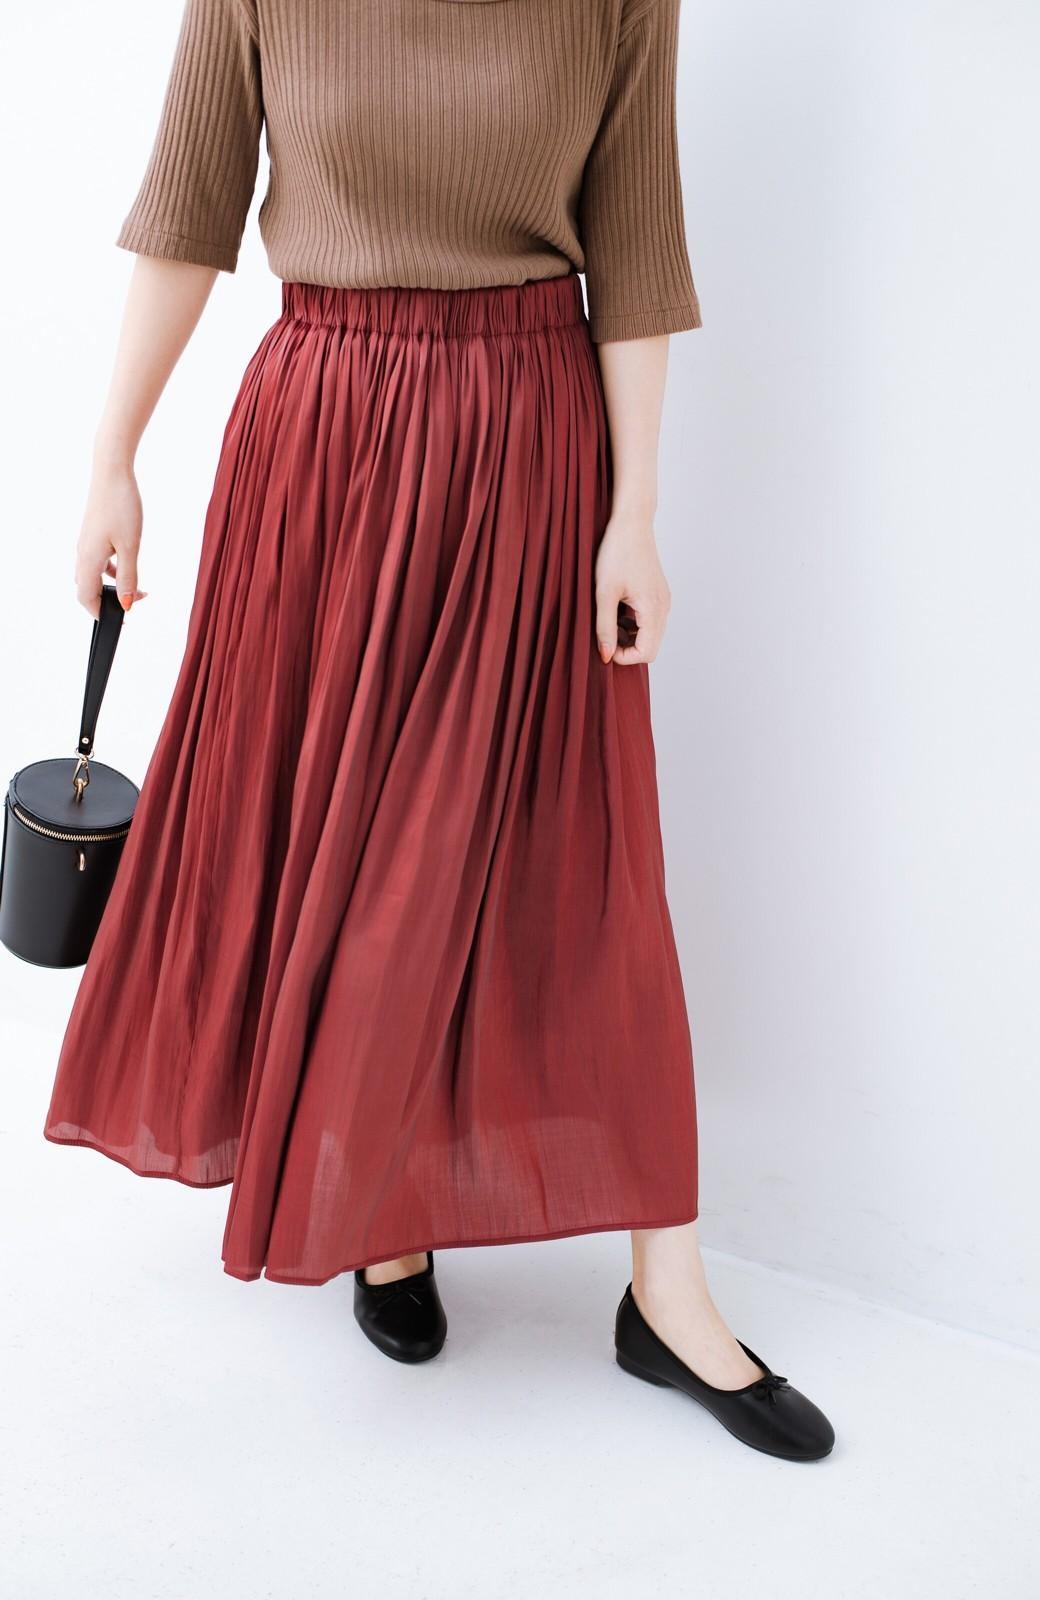 haco! 【人気のため新色追加!】1枚でも重ね着にも便利なキラキラ素材がかわいいロングスカート by laulea <ボルドー>の商品写真2